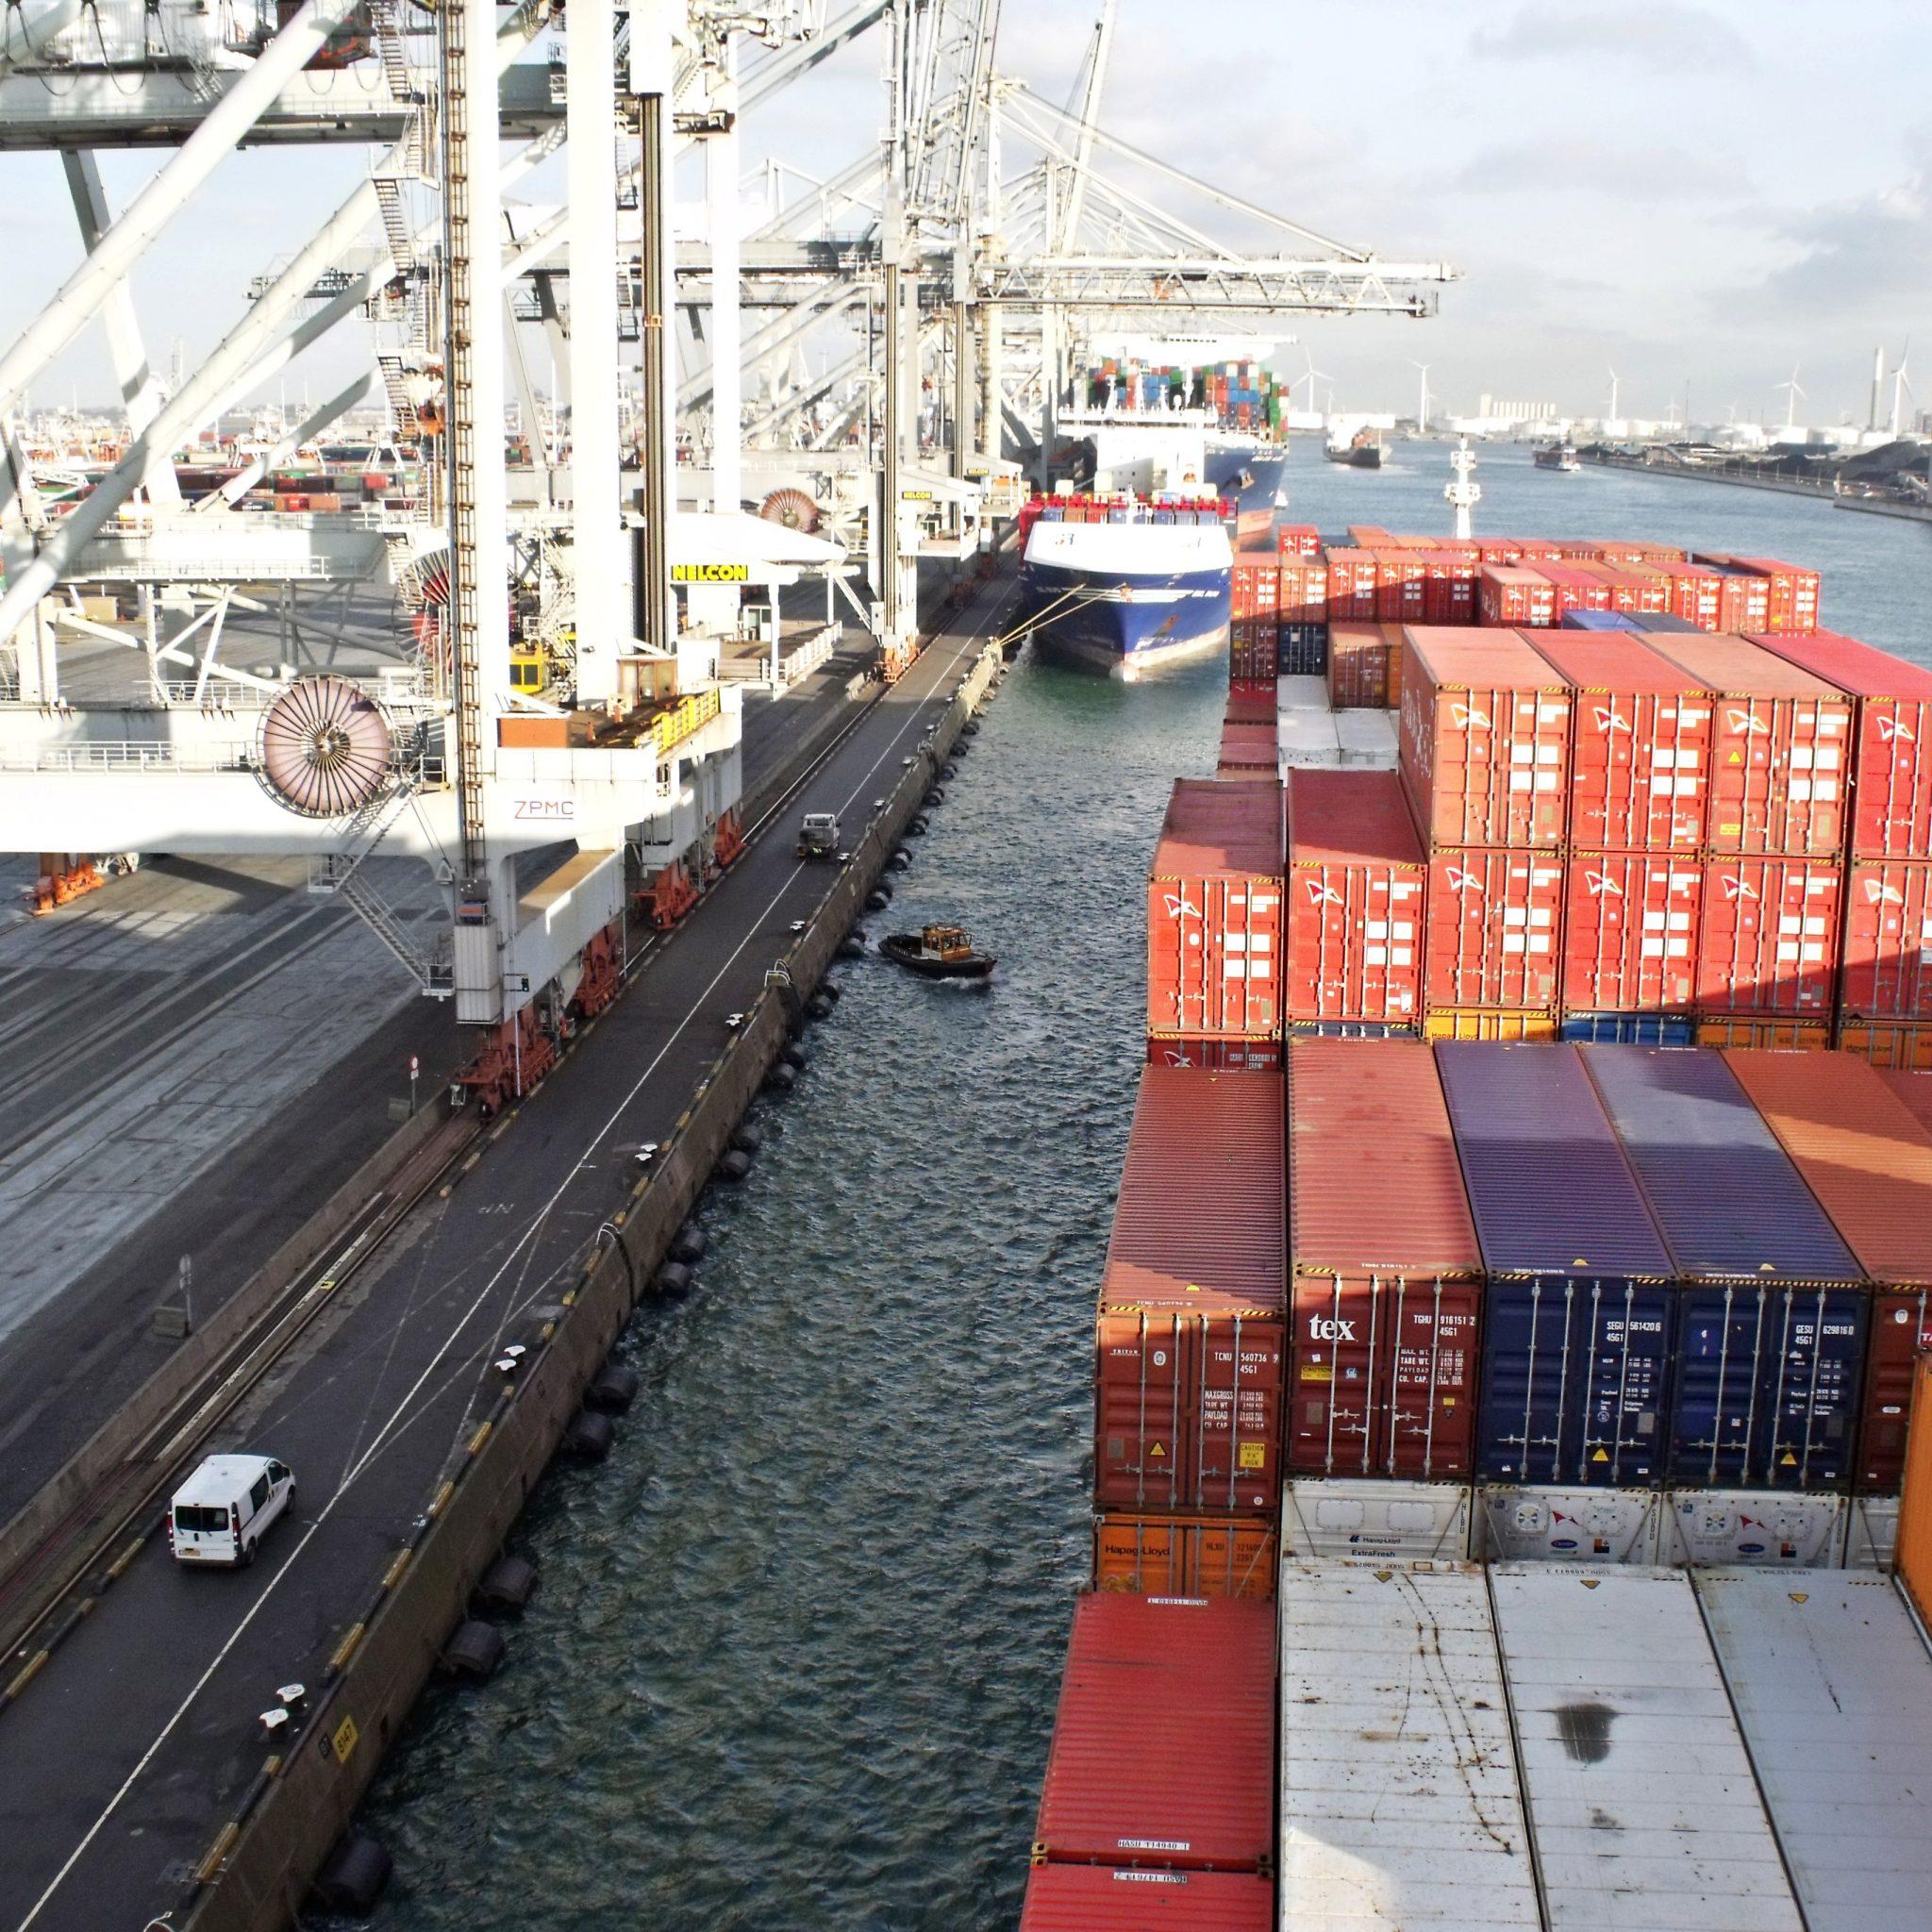 'De binnenvaart betaalt niet voor het laden en lossen van de containers: dat doen de zeereders. De zeeschepen krijgen hierdoor altijd voorrang.'